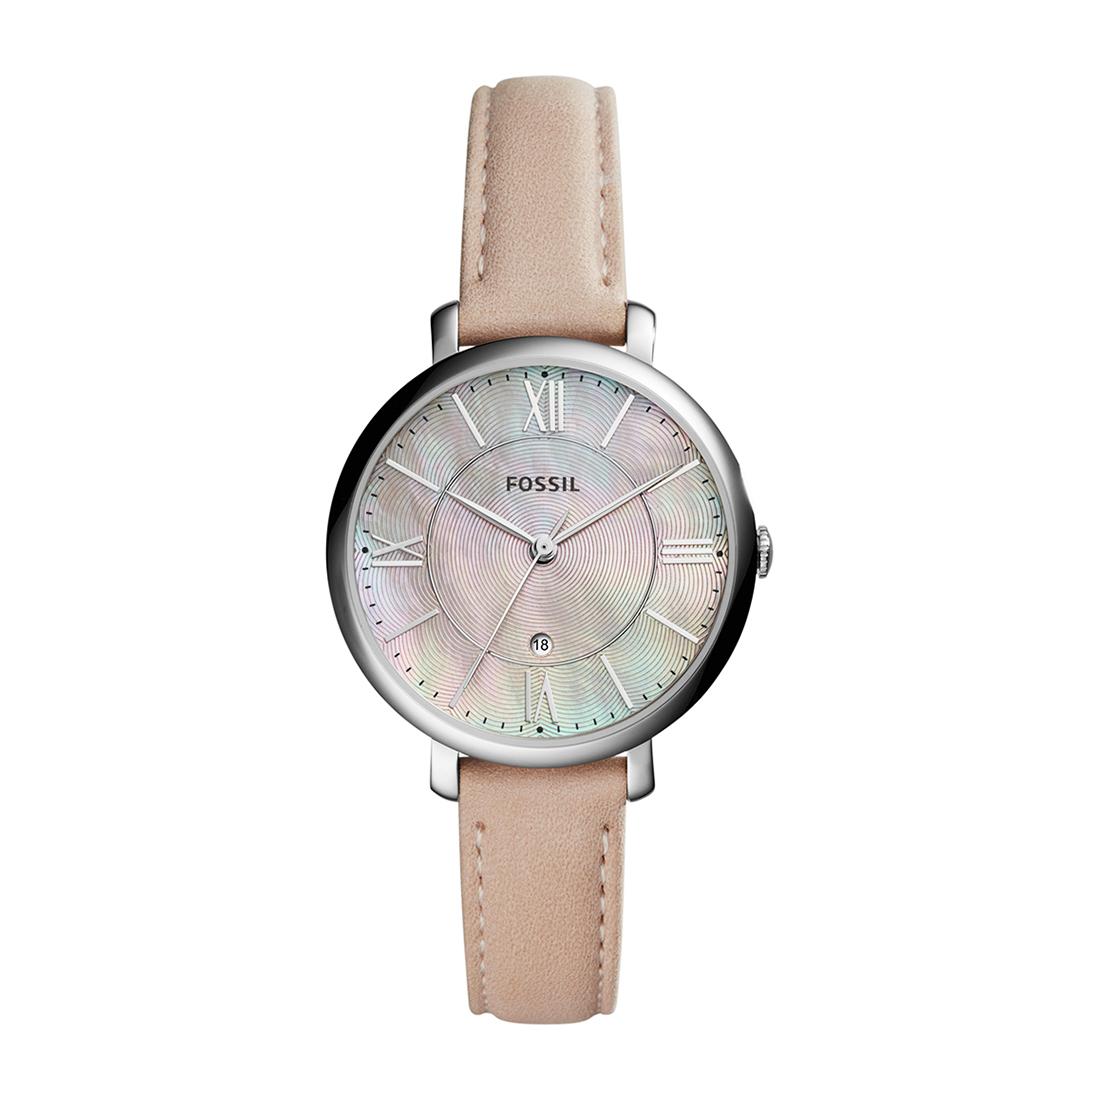 30 Mẫu đồng hồ nữ tặng cho cô nàng tuổi đôi mươi ngày 8/3 - Ảnh 19